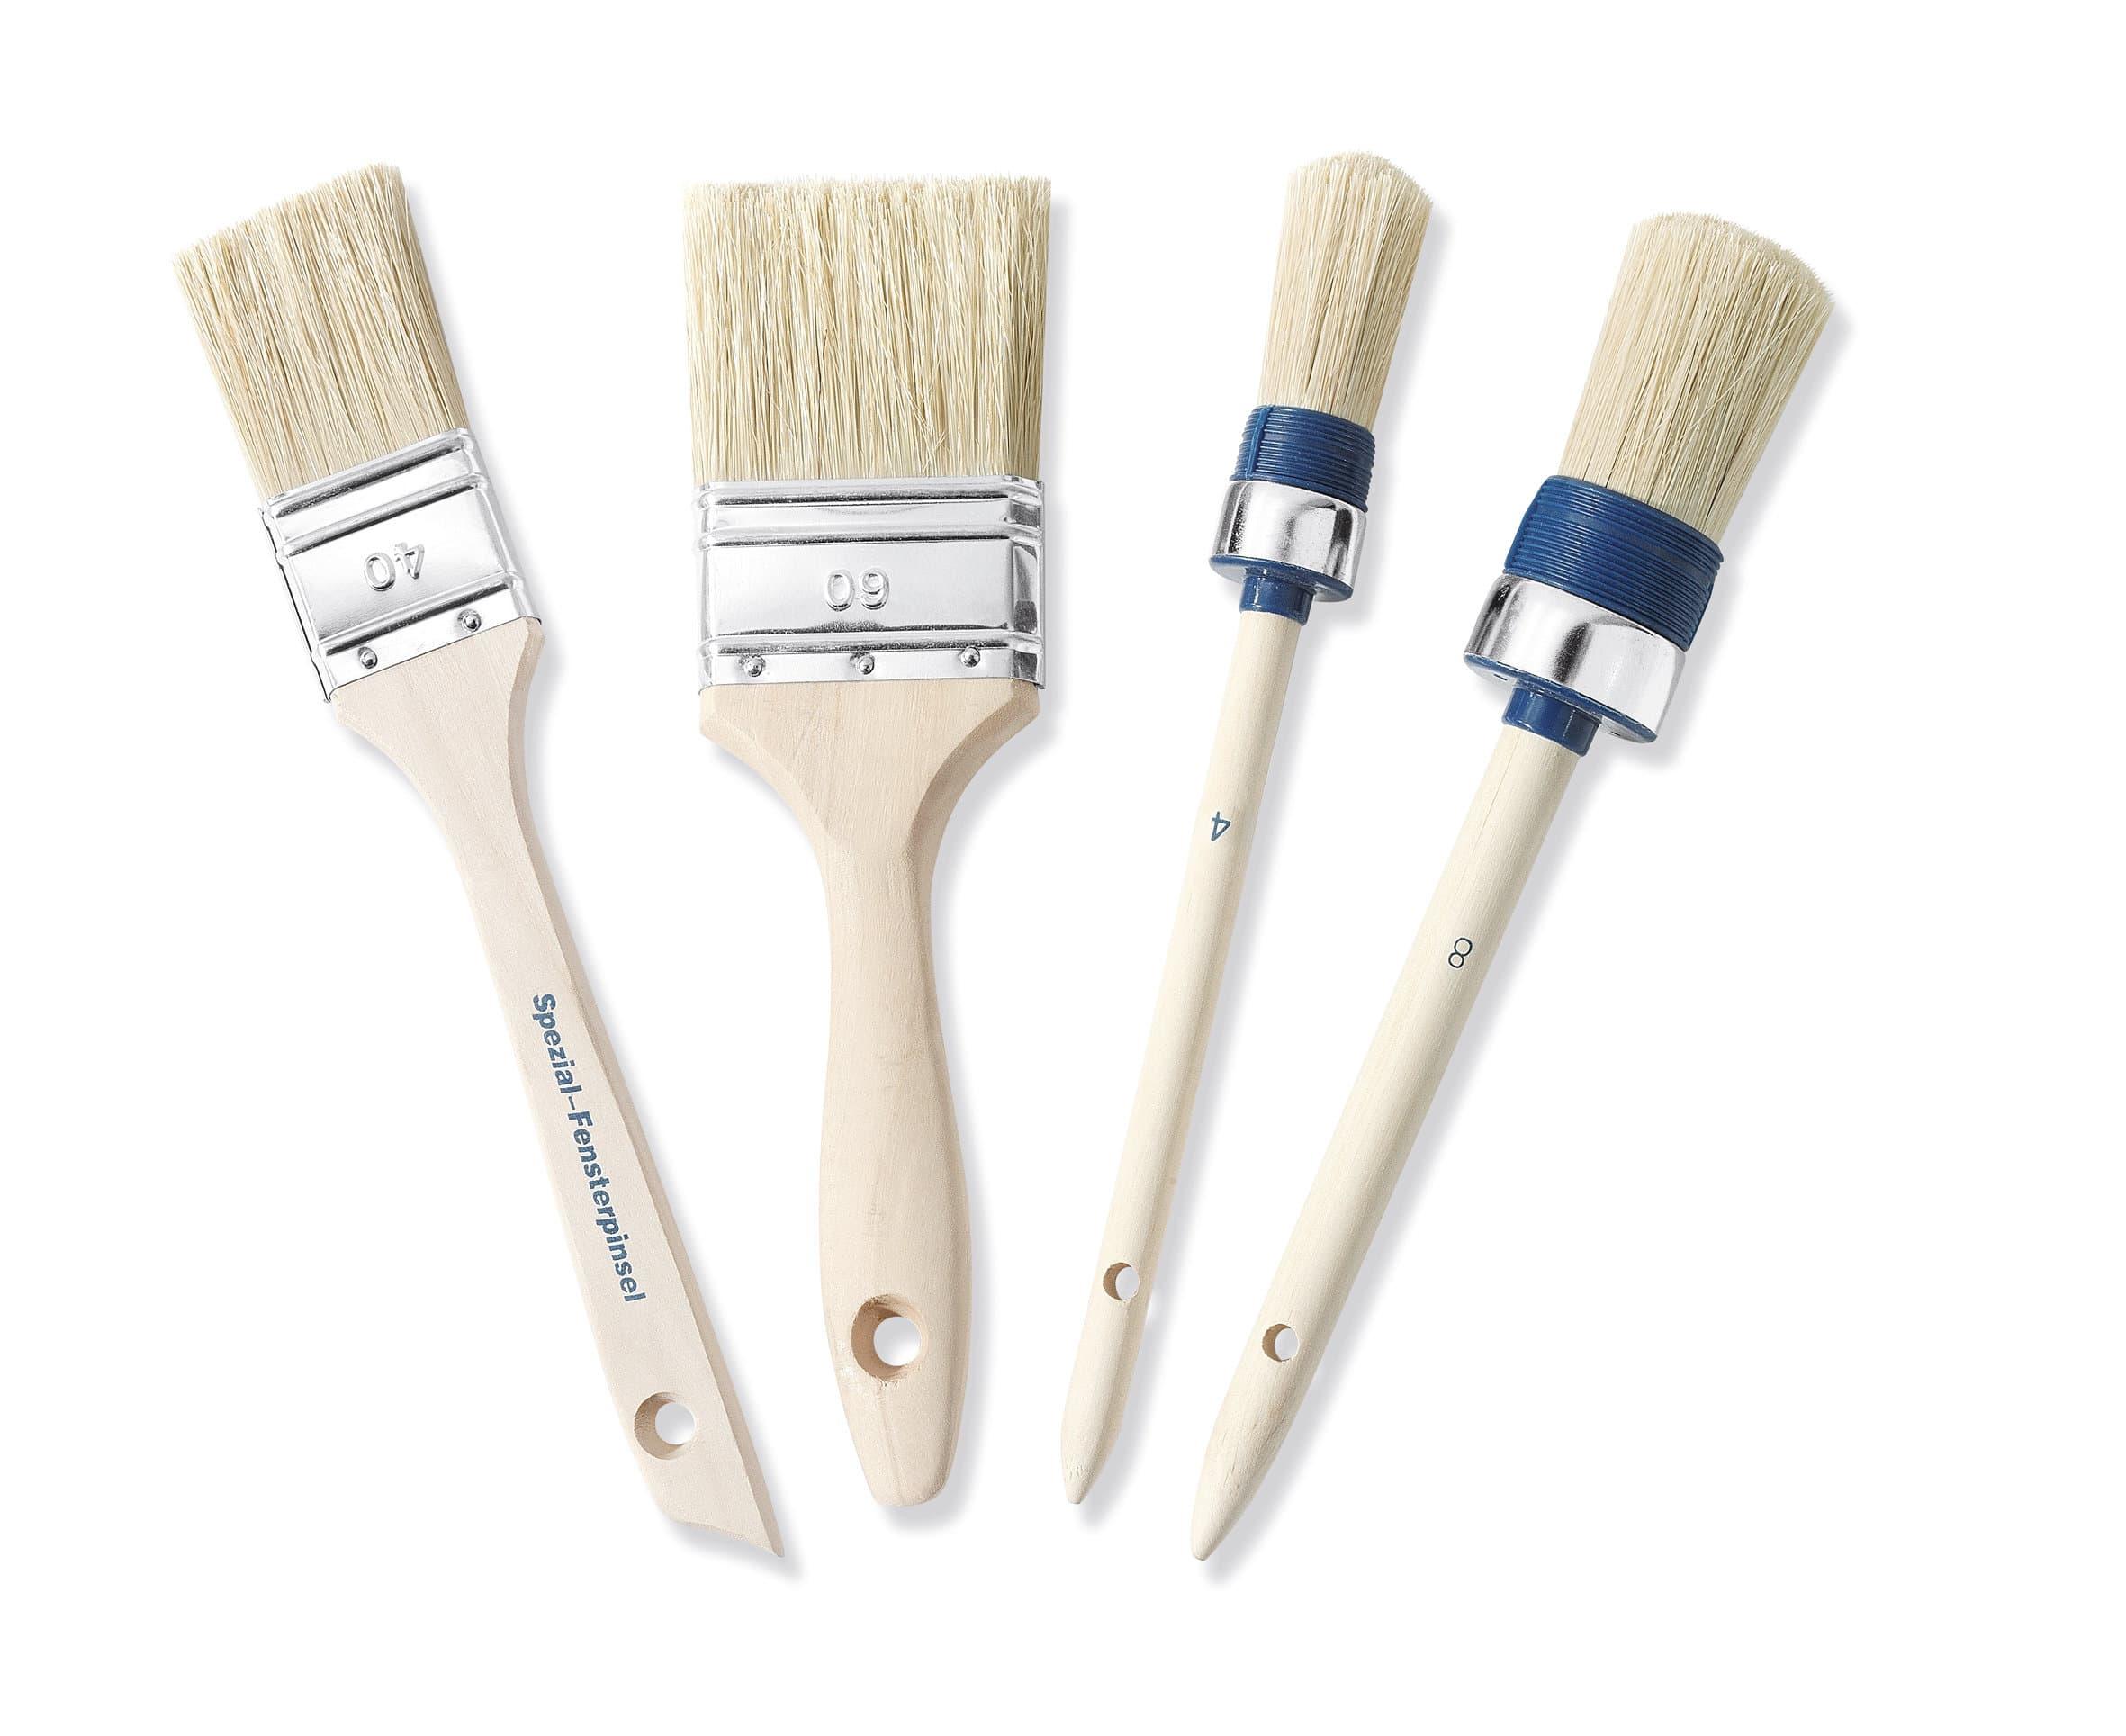 Color Expert Jeu 4 Pinceaux Fibre Synthétique, Bois